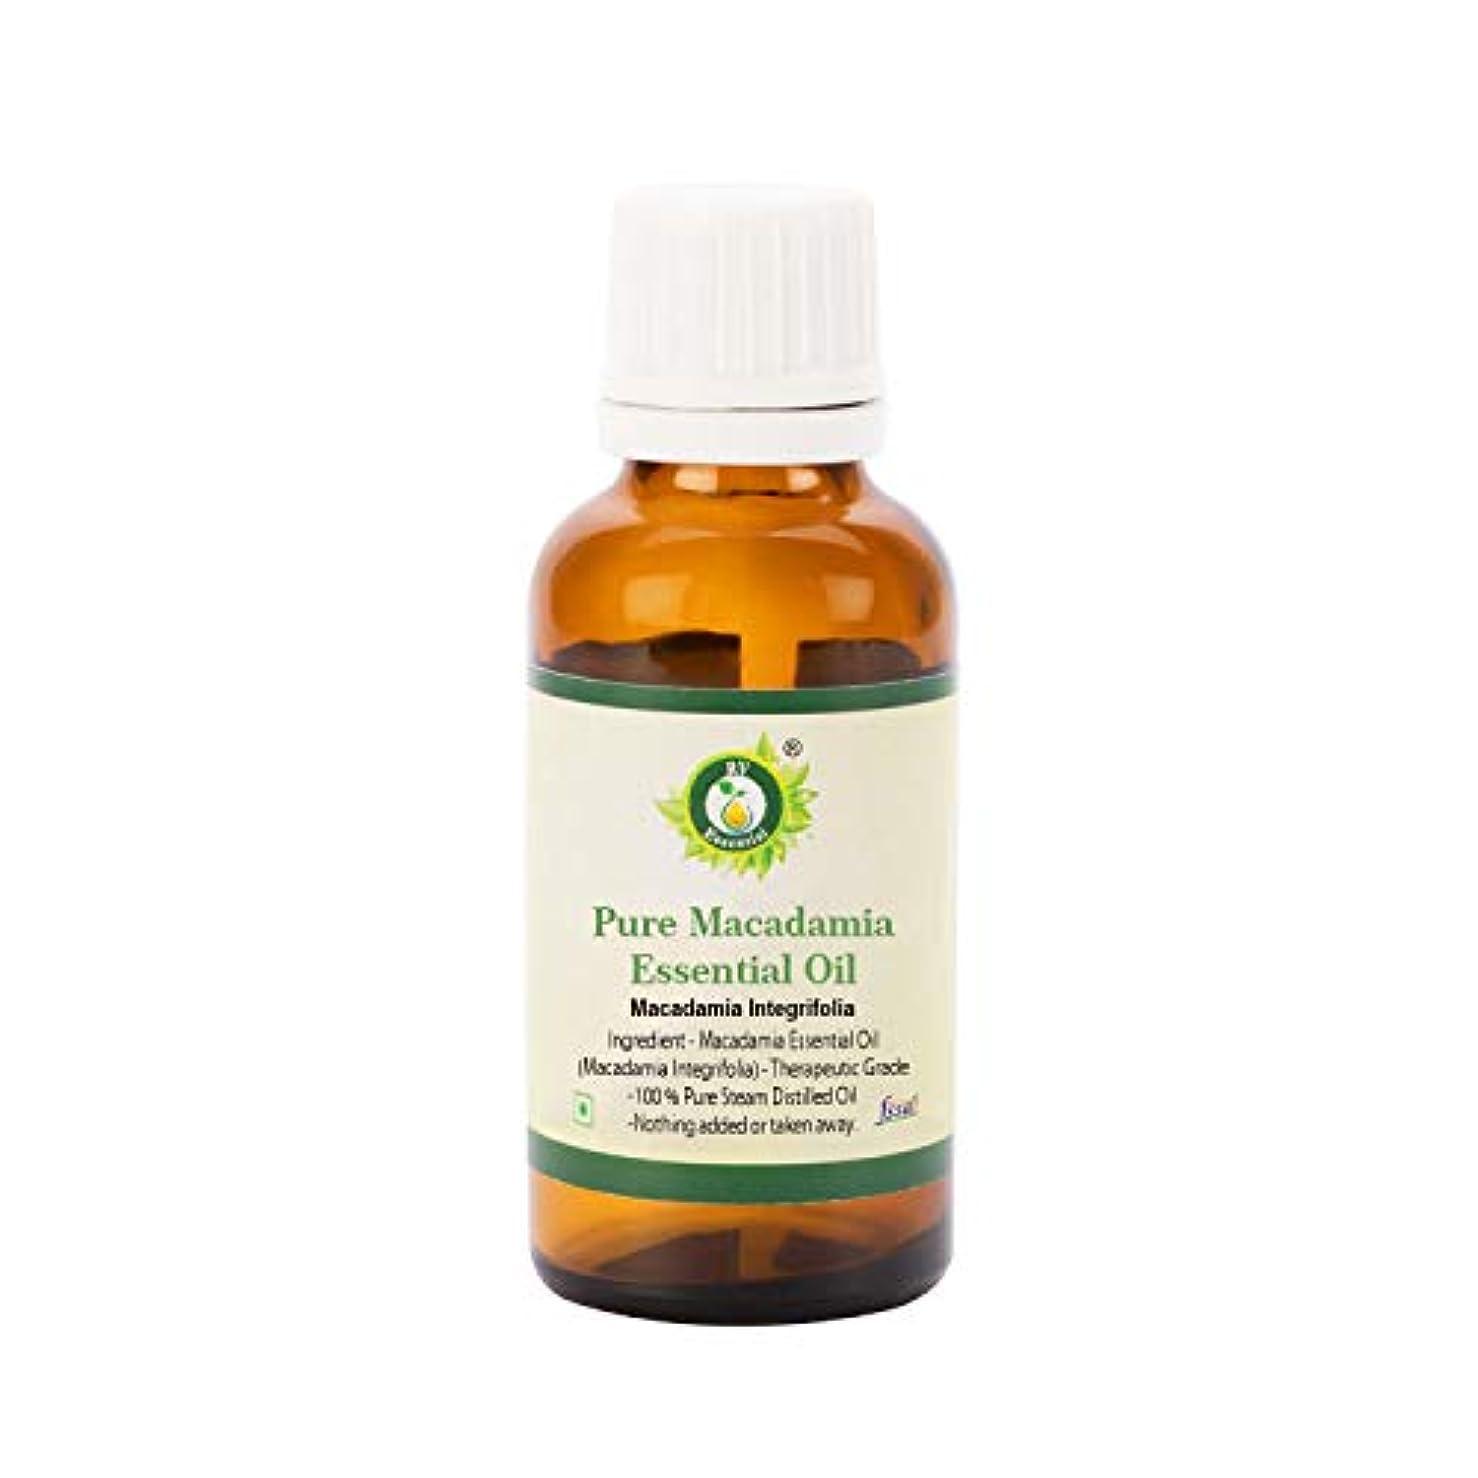 安価なアマチュアラジエーターR V Essential ピュアマカデミアエッセンシャルオイル5ml (0.169oz)- Macadamia Integrifolia (100%純粋&天然スチームDistilled) Pure Macadamia...